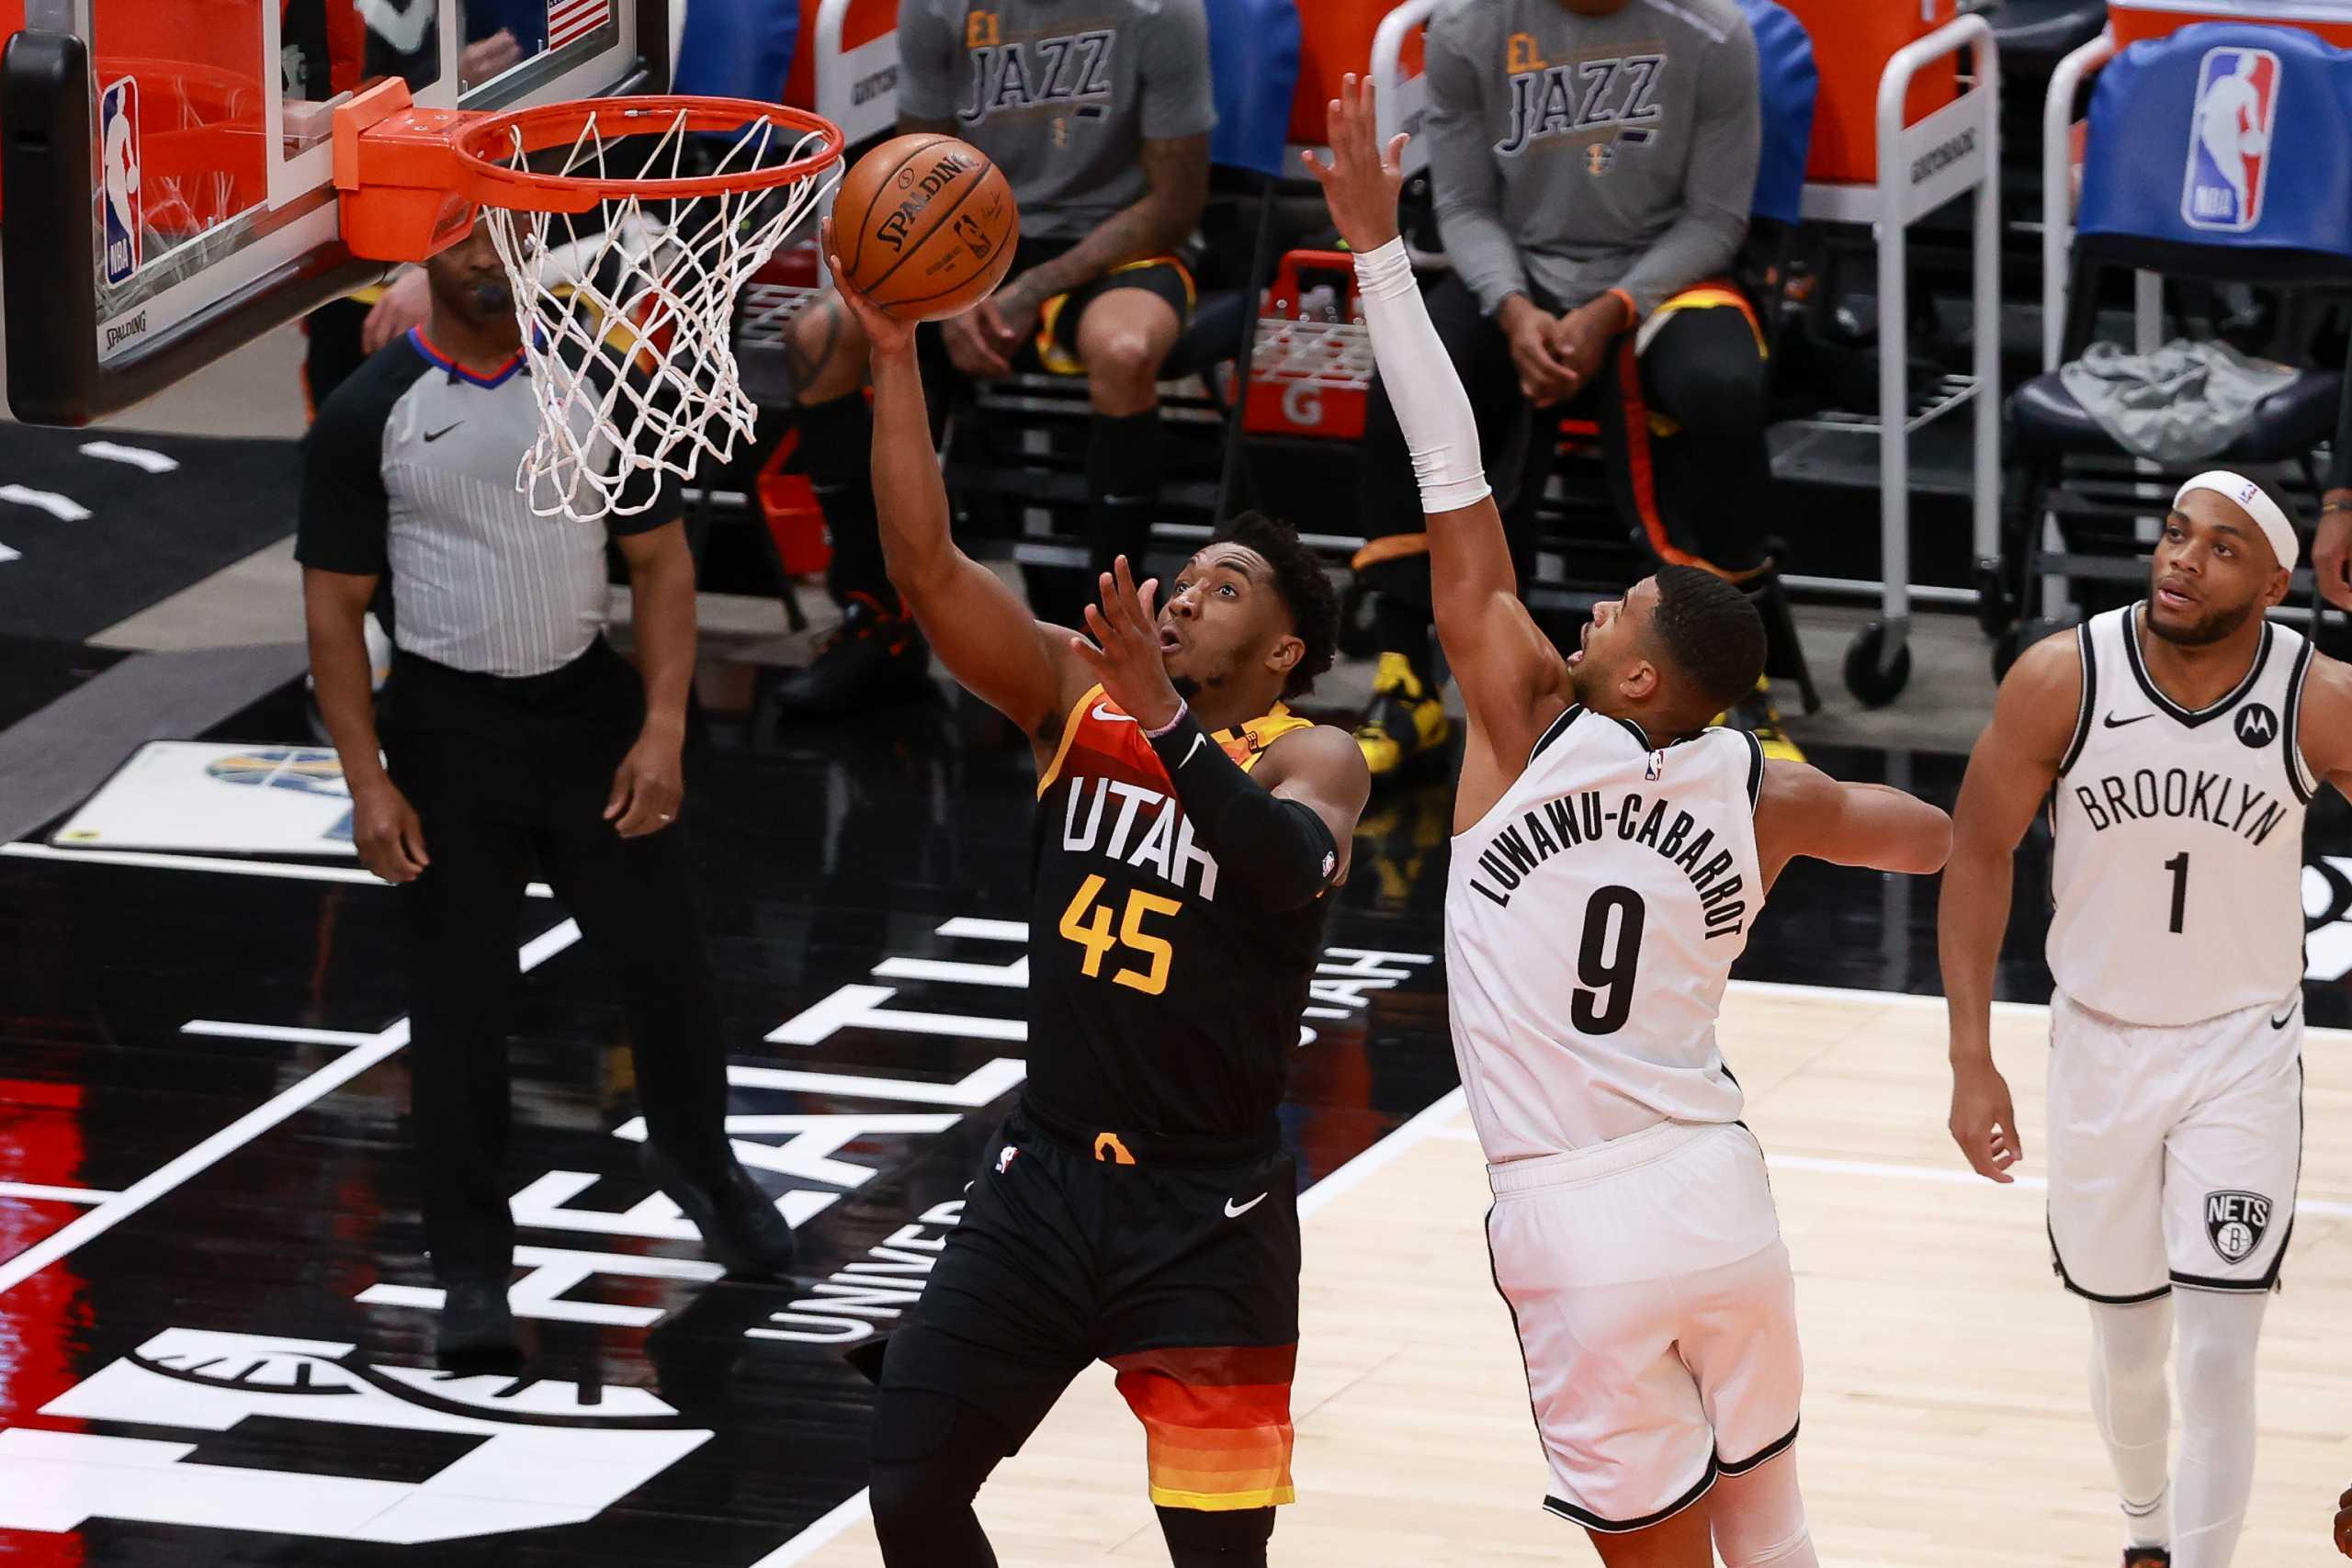 Οι Τζαζ «διέλυσαν» τους ελλιπείς Νετς και «ανέβασαν» τους Μπακς – Τα αποτελέσματα στο NBA (videos)